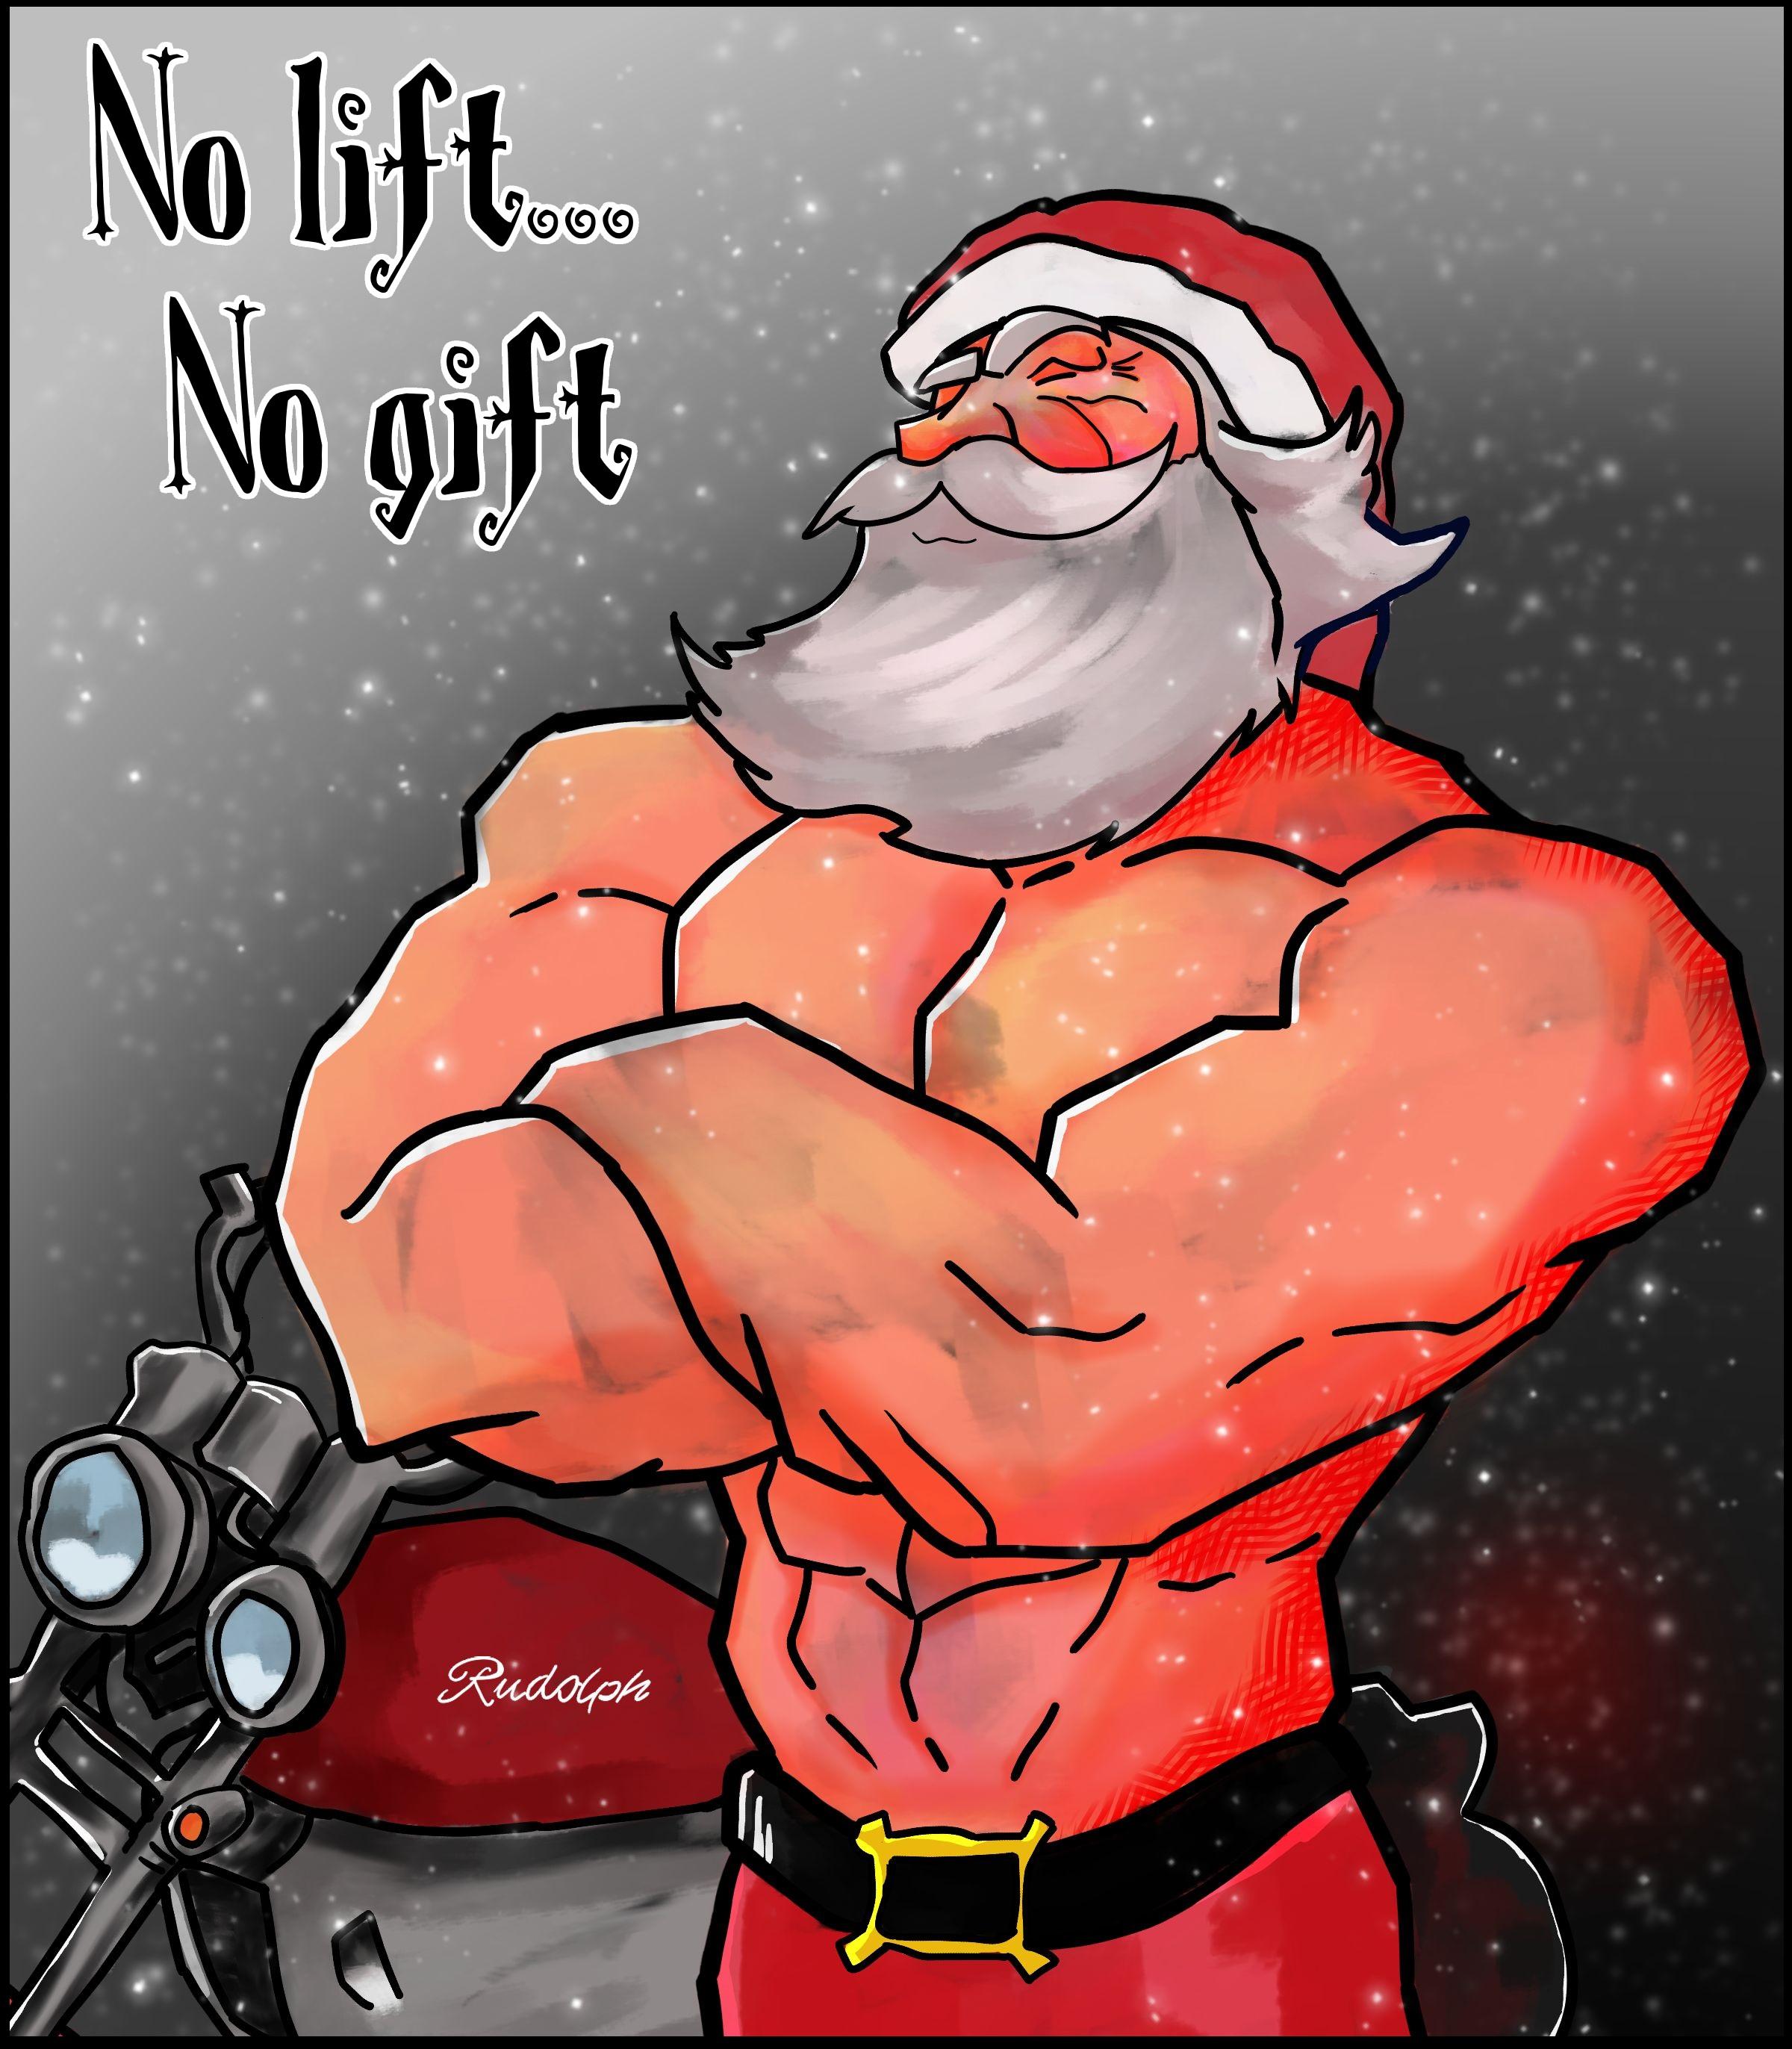 Do you even gift, bro?